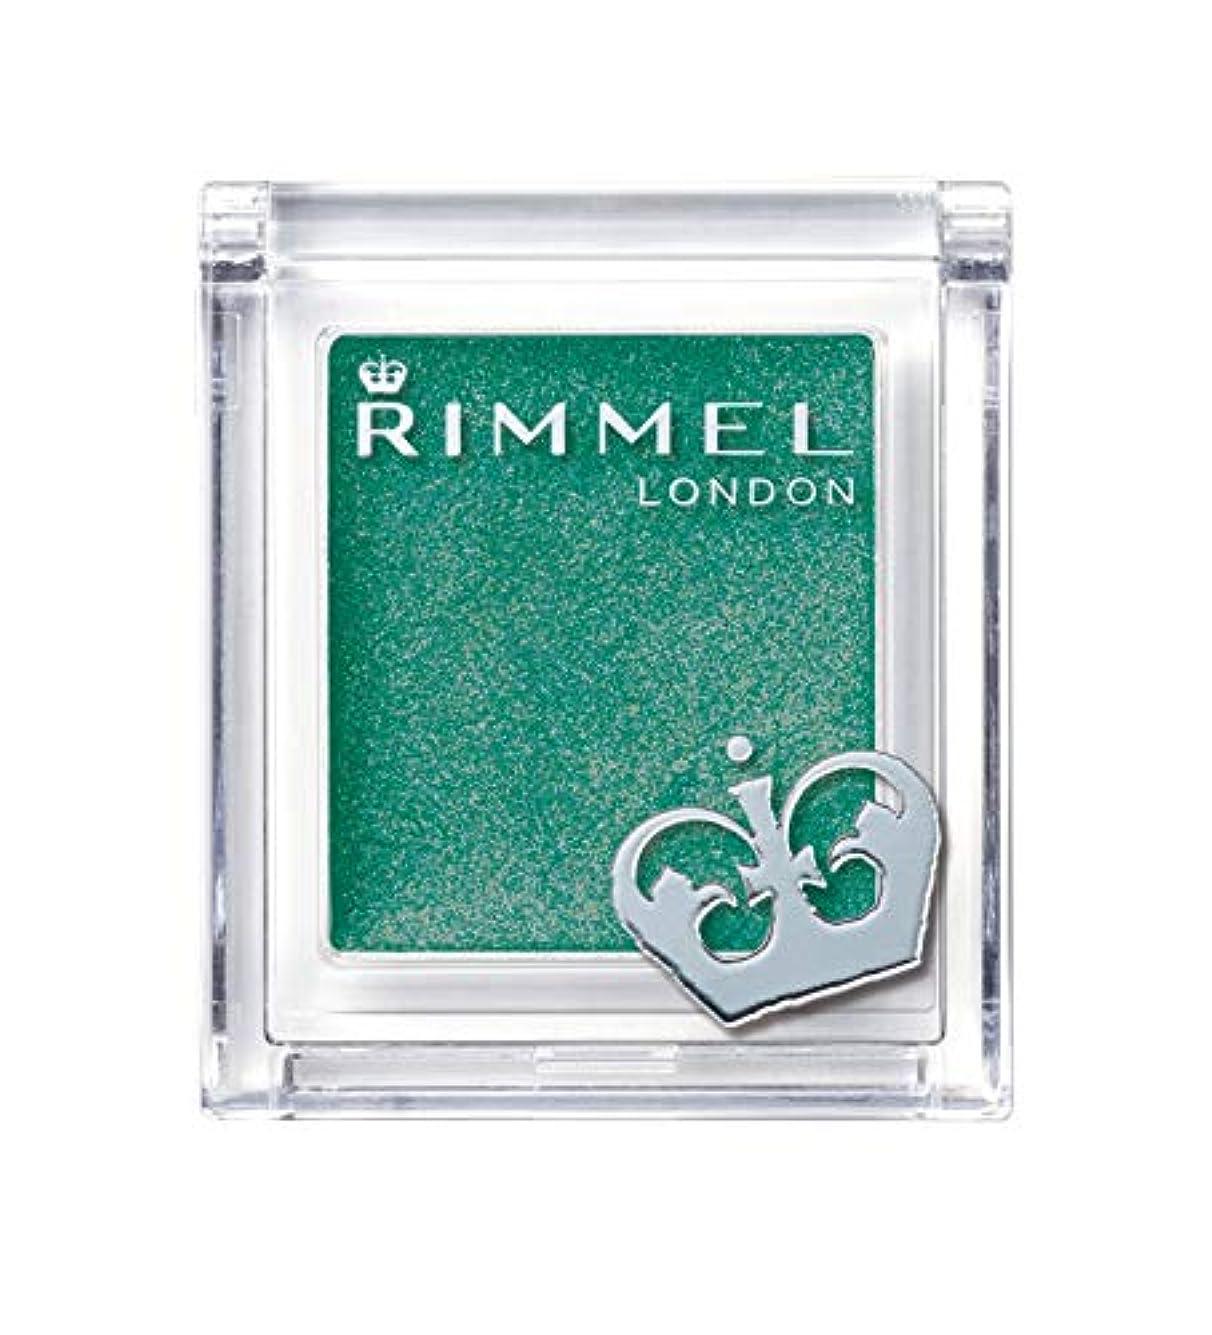 汚染された鉱夫発揮するRimmel (リンメル) リンメル プリズム パウダーアイカラー 023 モスグリーン 1.5g アイシャドウ